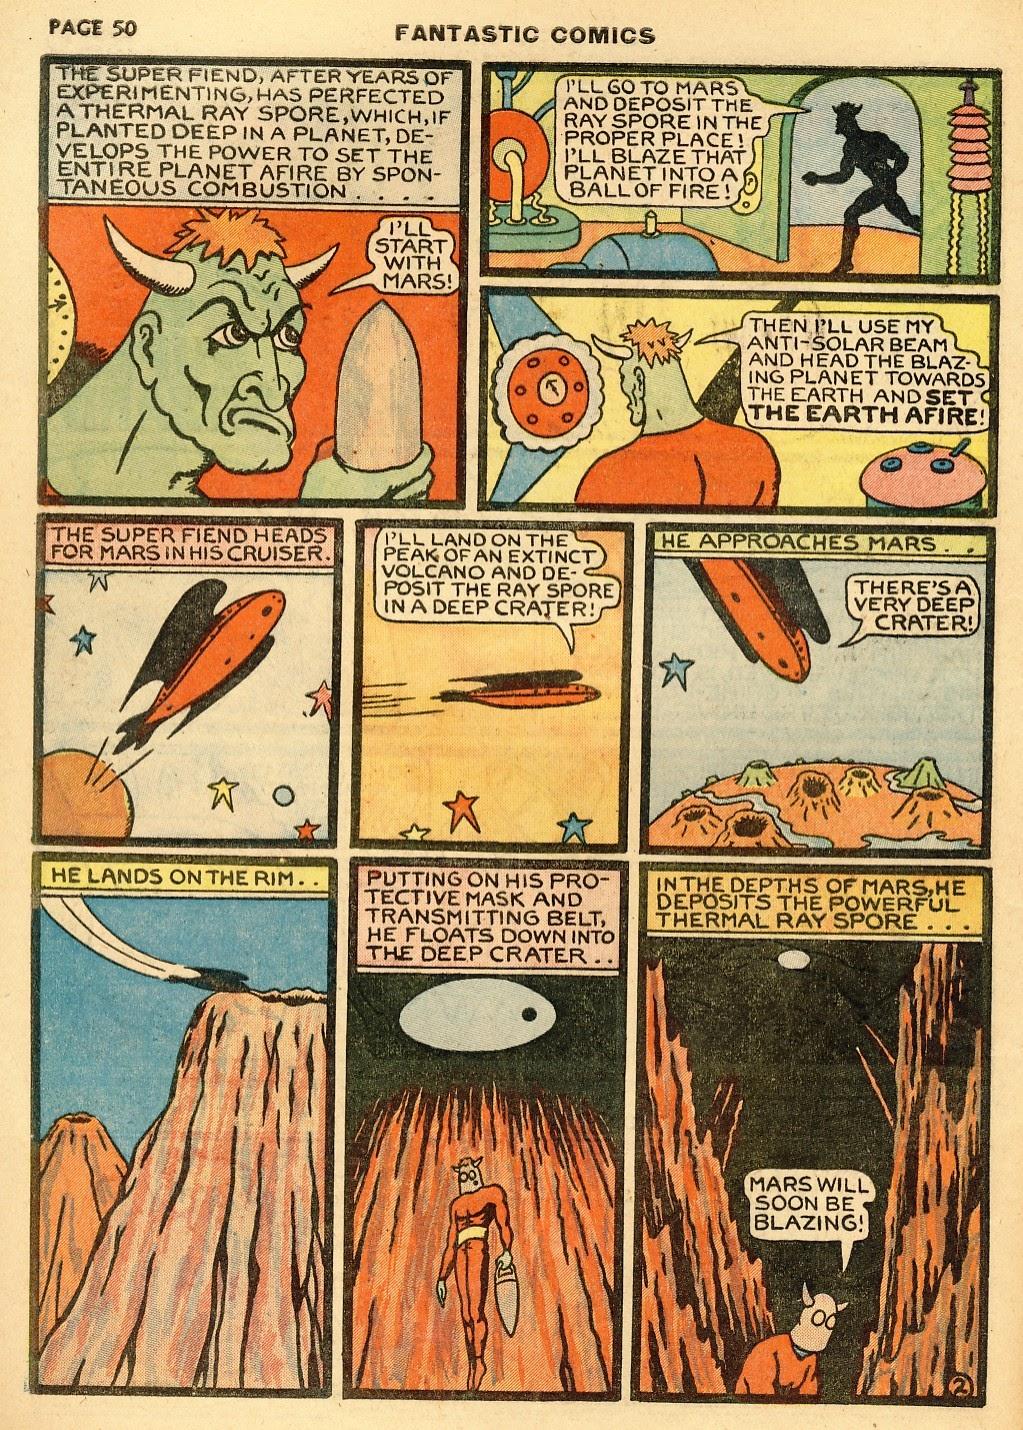 Read online Fantastic Comics comic -  Issue #10 - 51